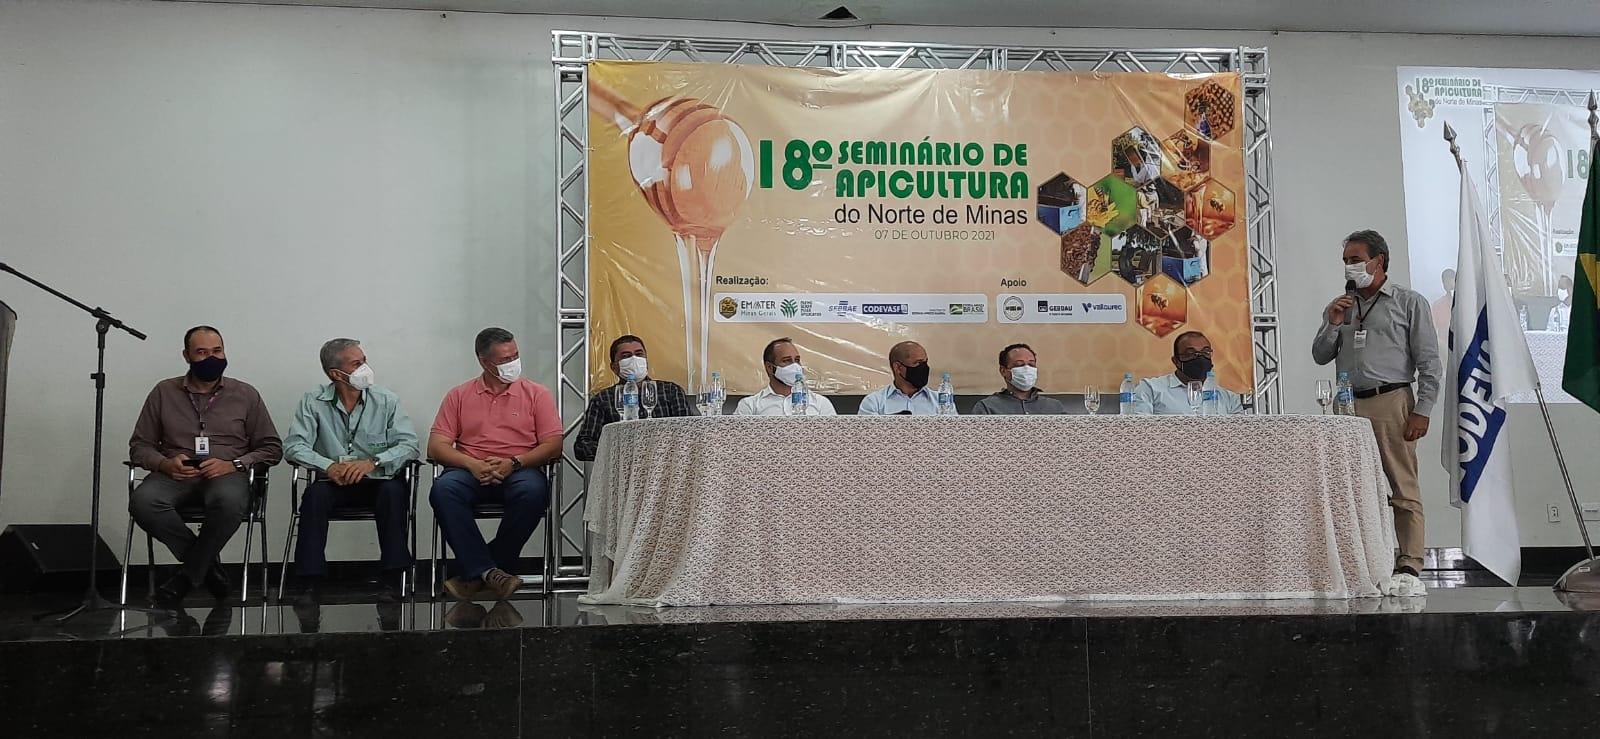 Imagem de destaque SEMINÁRIO DE APICULTURA DO NORTE DE MINAS - Montes Claros debate propostas para o setor